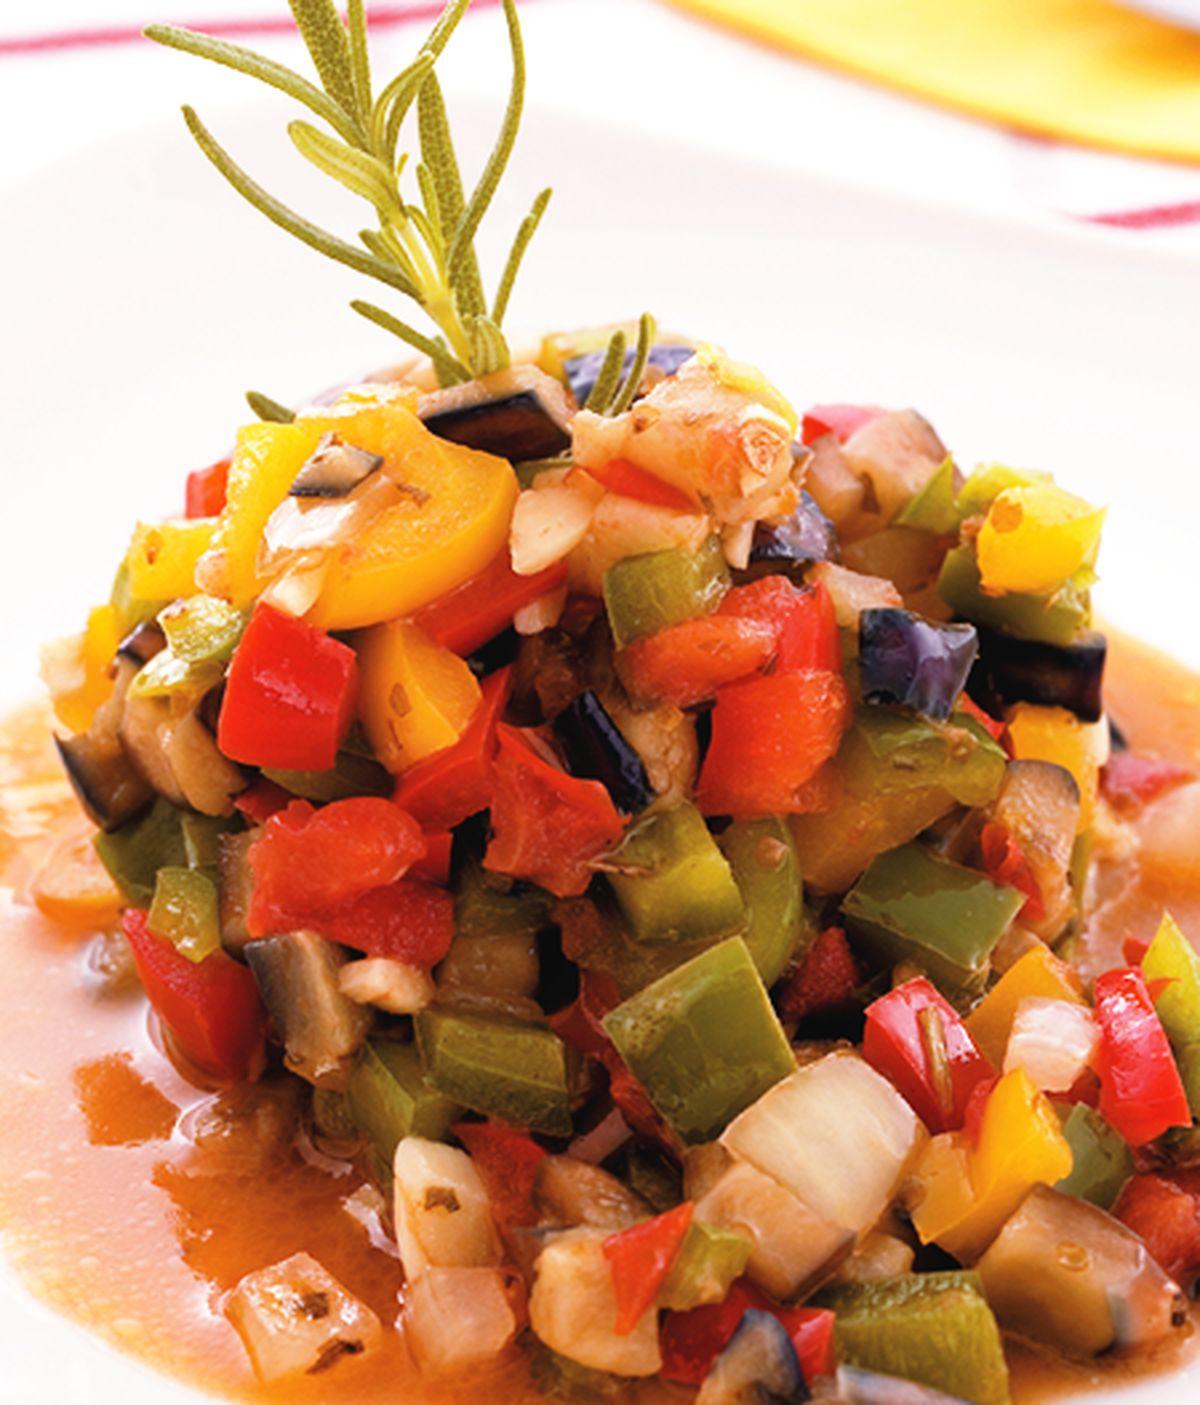 食譜:普羅旺斯燴蔬菜